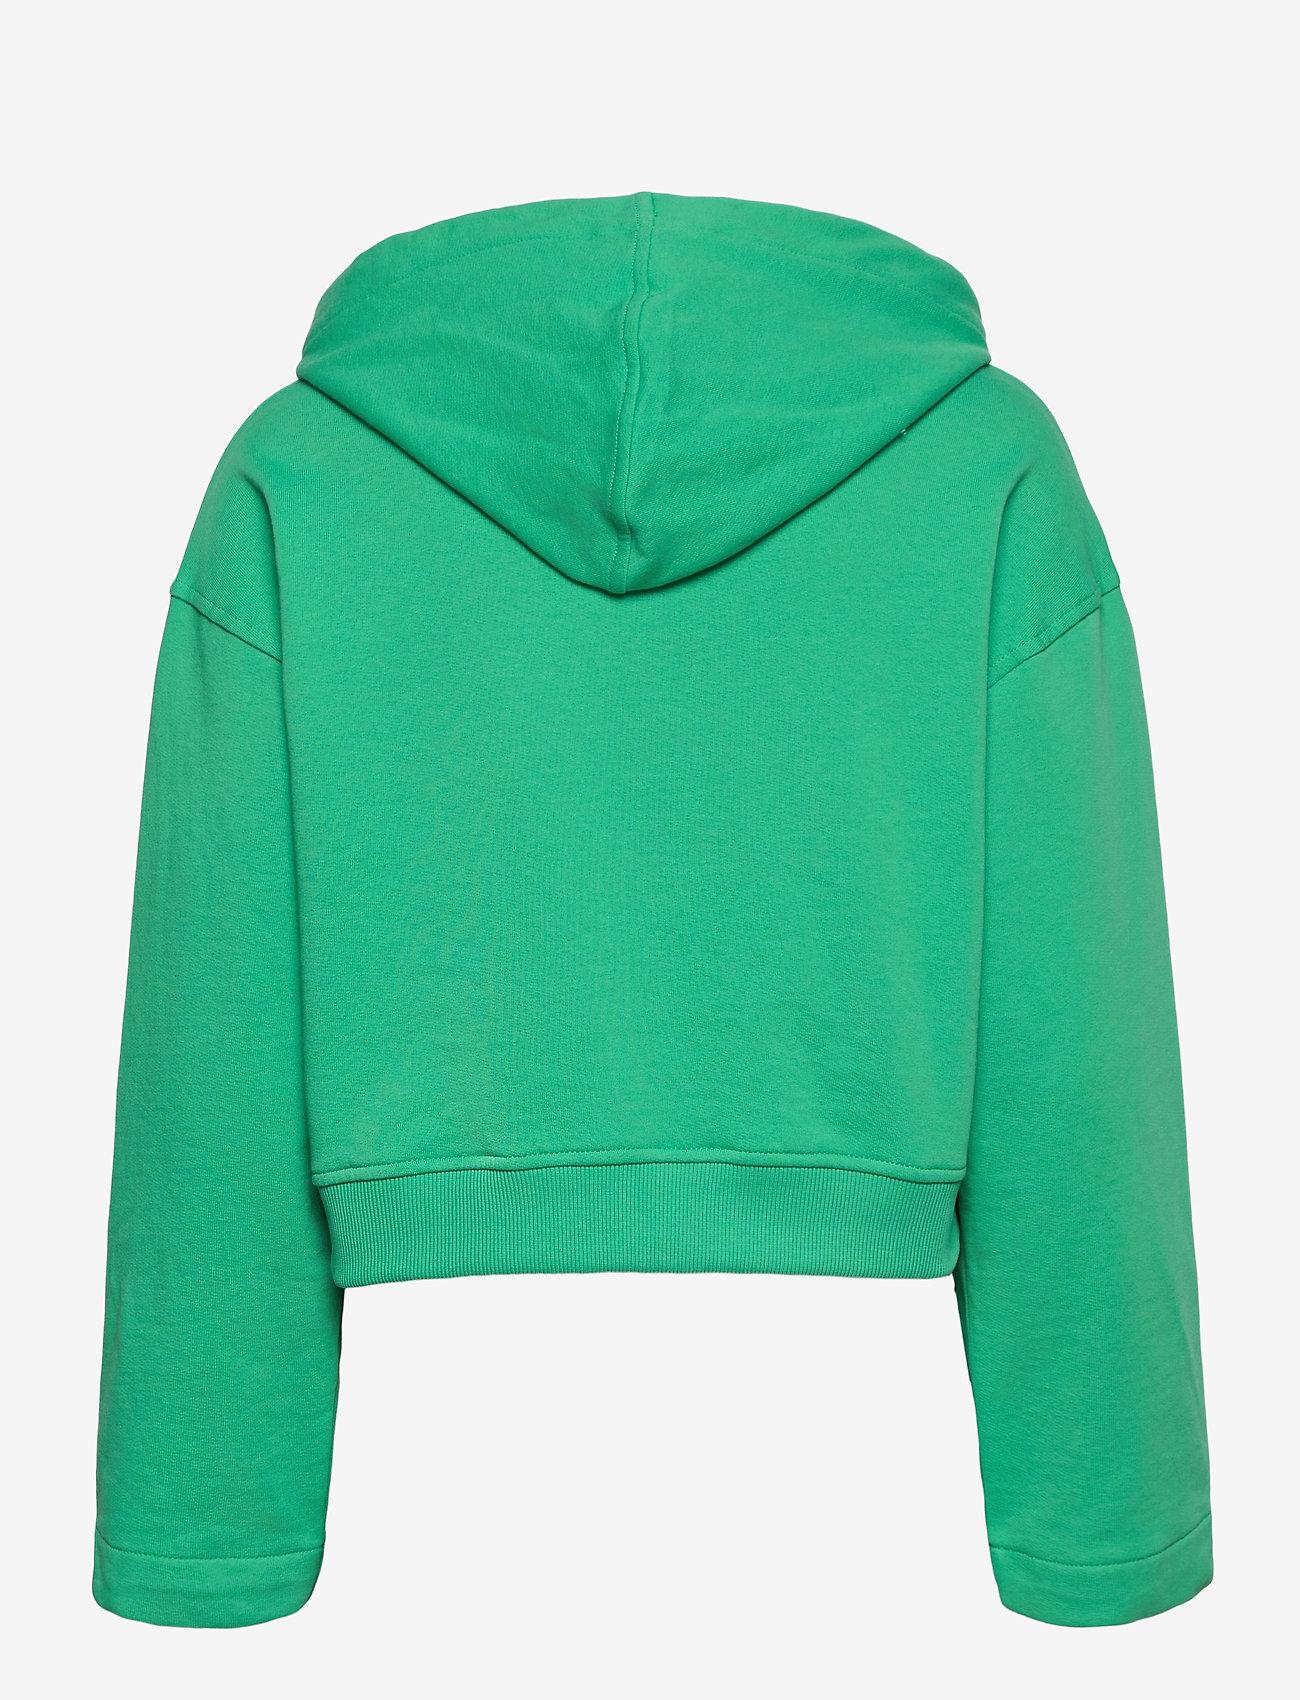 Baum und Pferdgarten - JEROMA - sweatshirts & hoodies - gumdrop green - 1